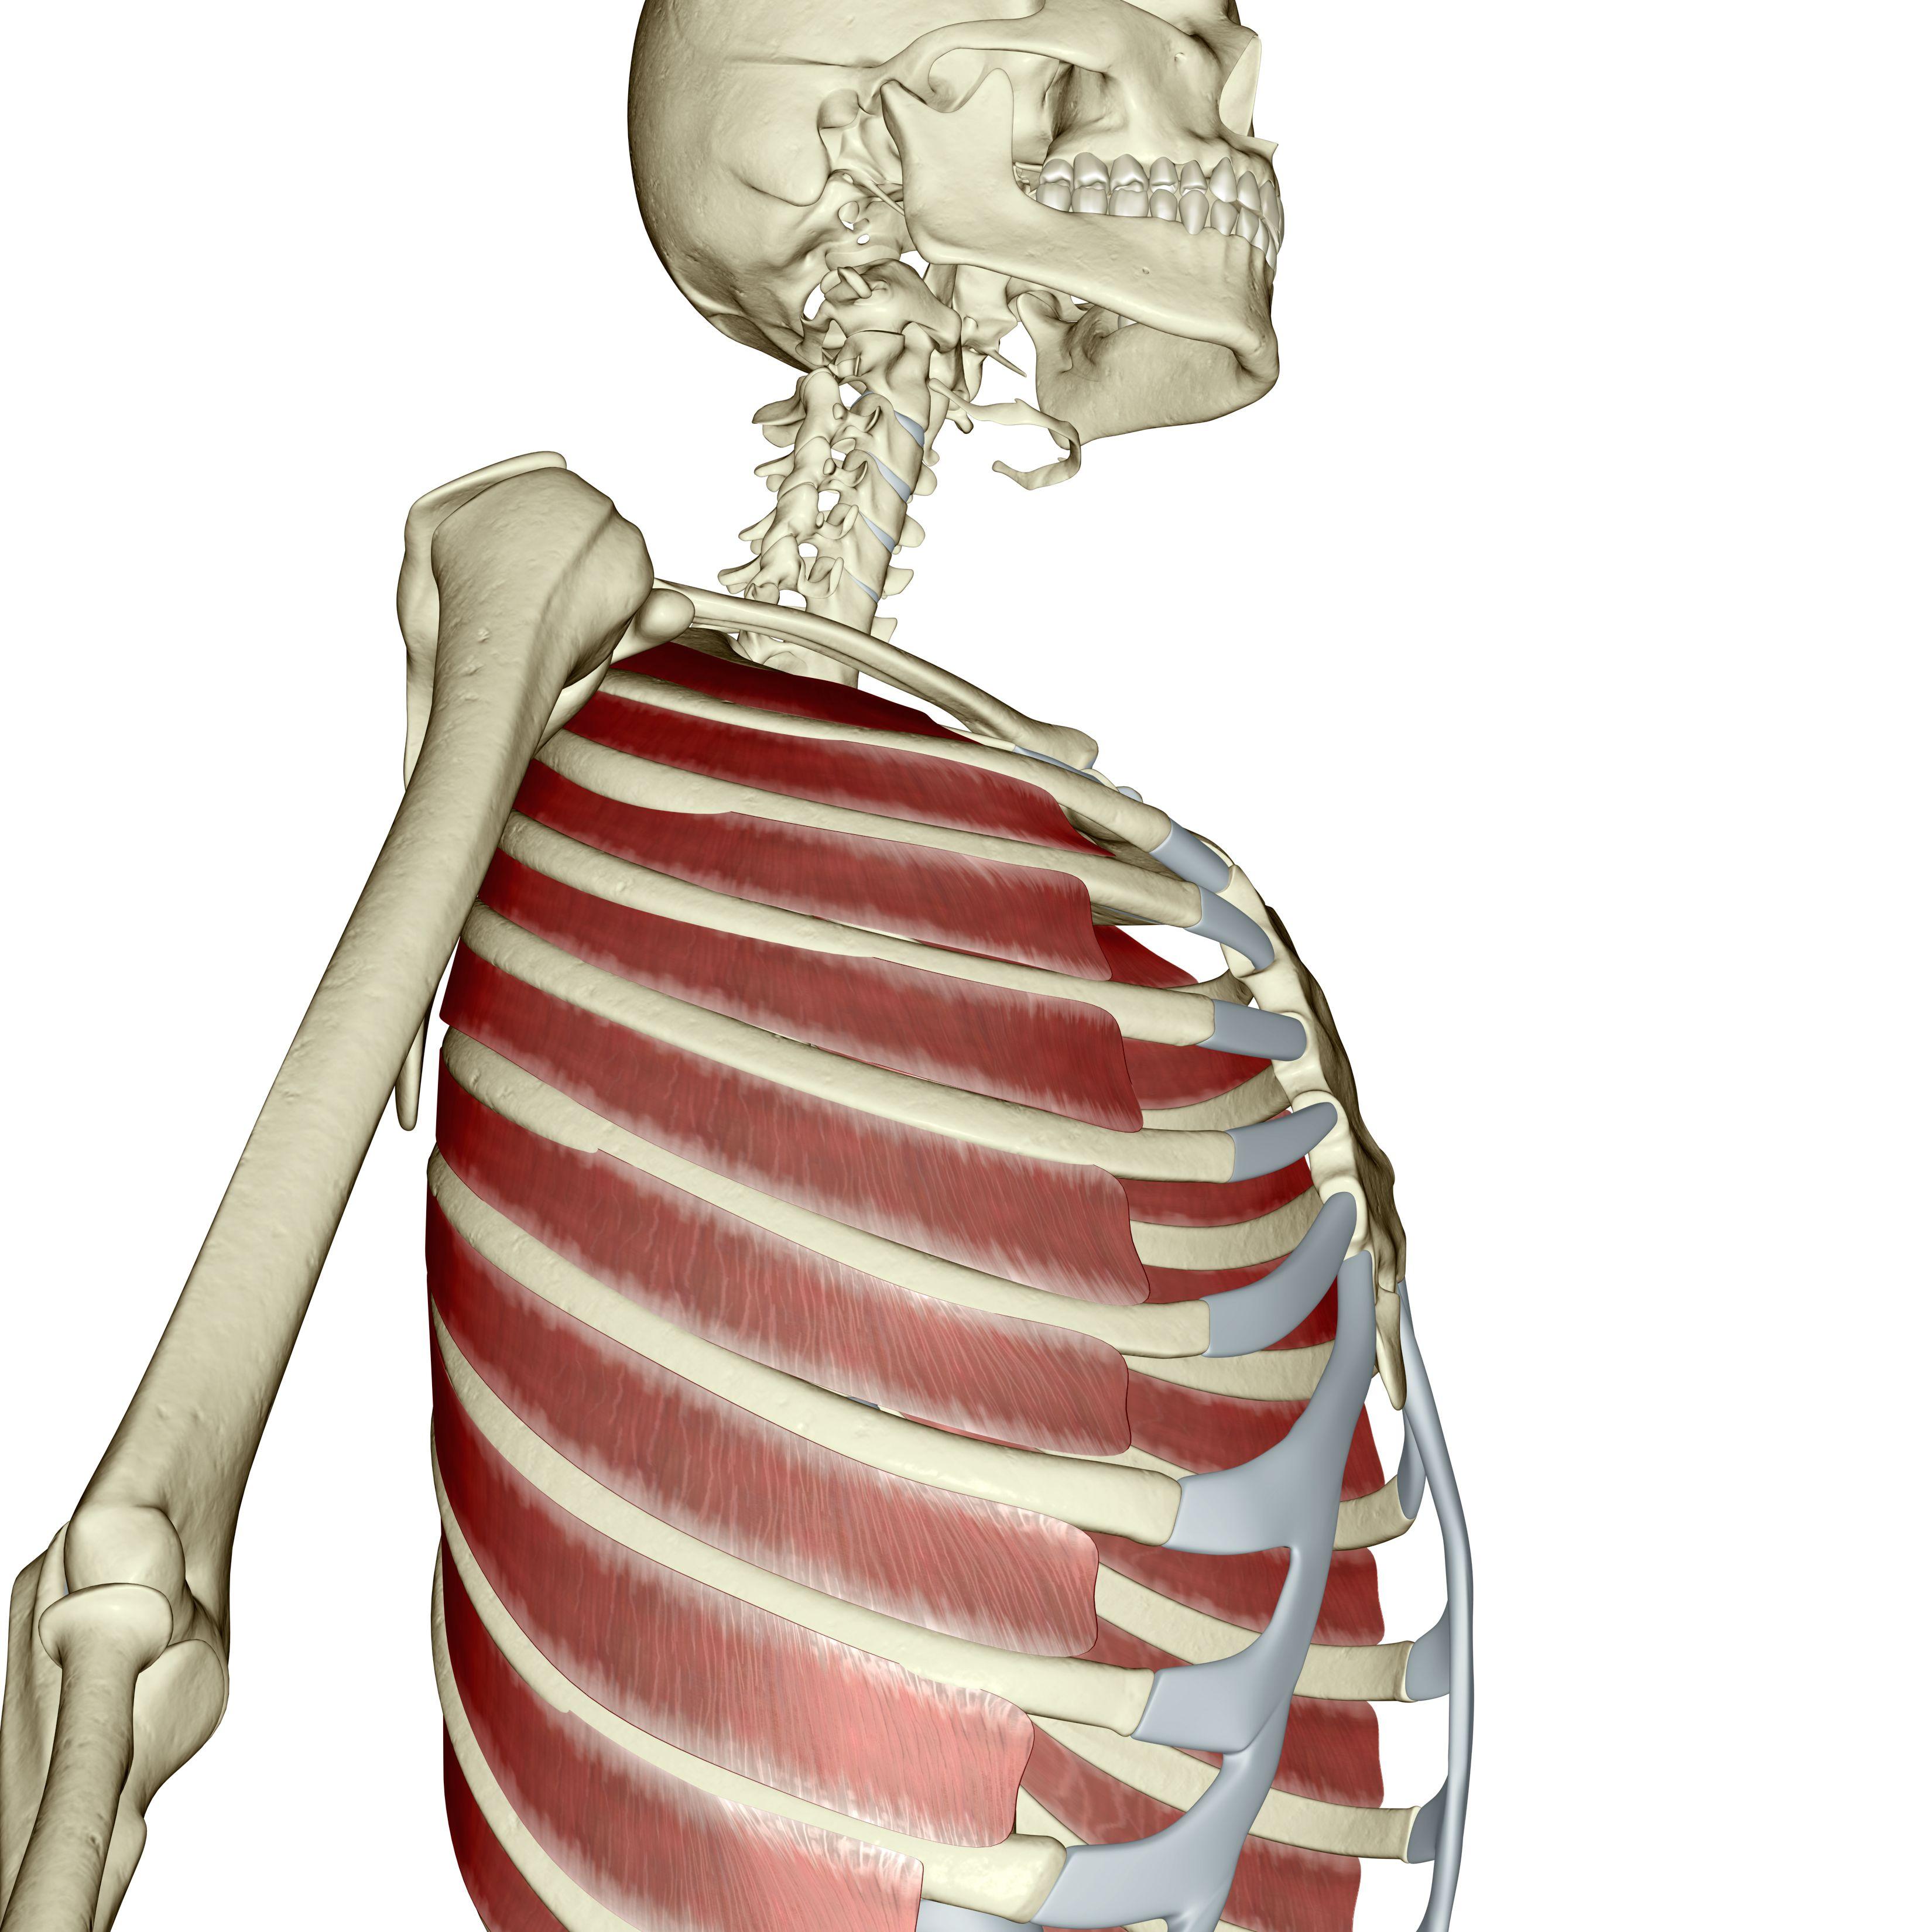 External intercostal muscles